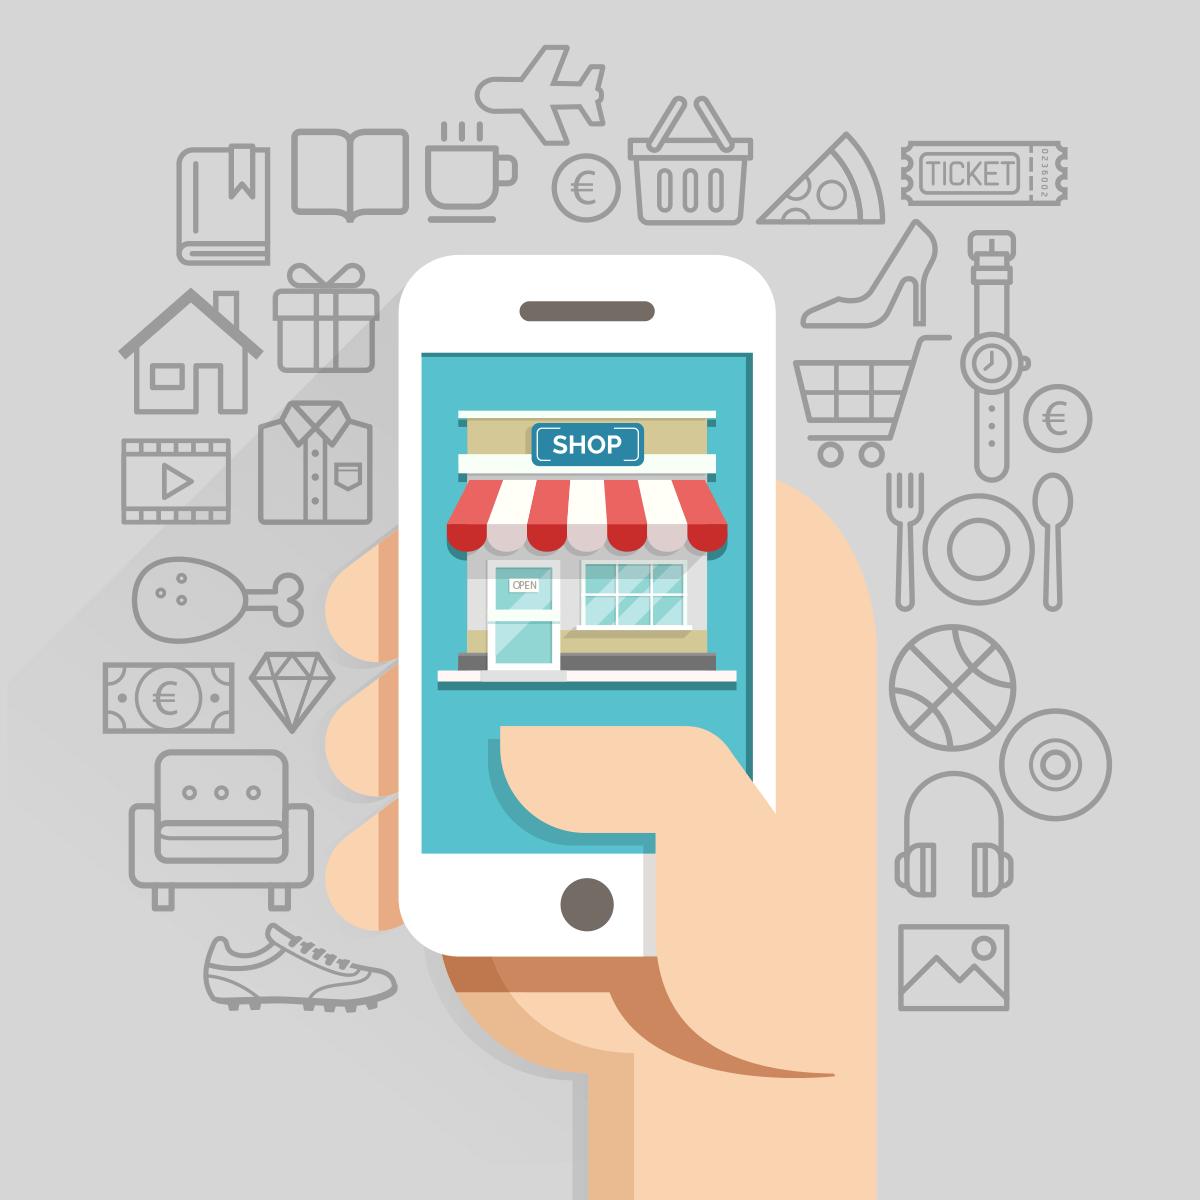 Die Schnittstelle zwischen B2B-Shop und Warenwirtschaft